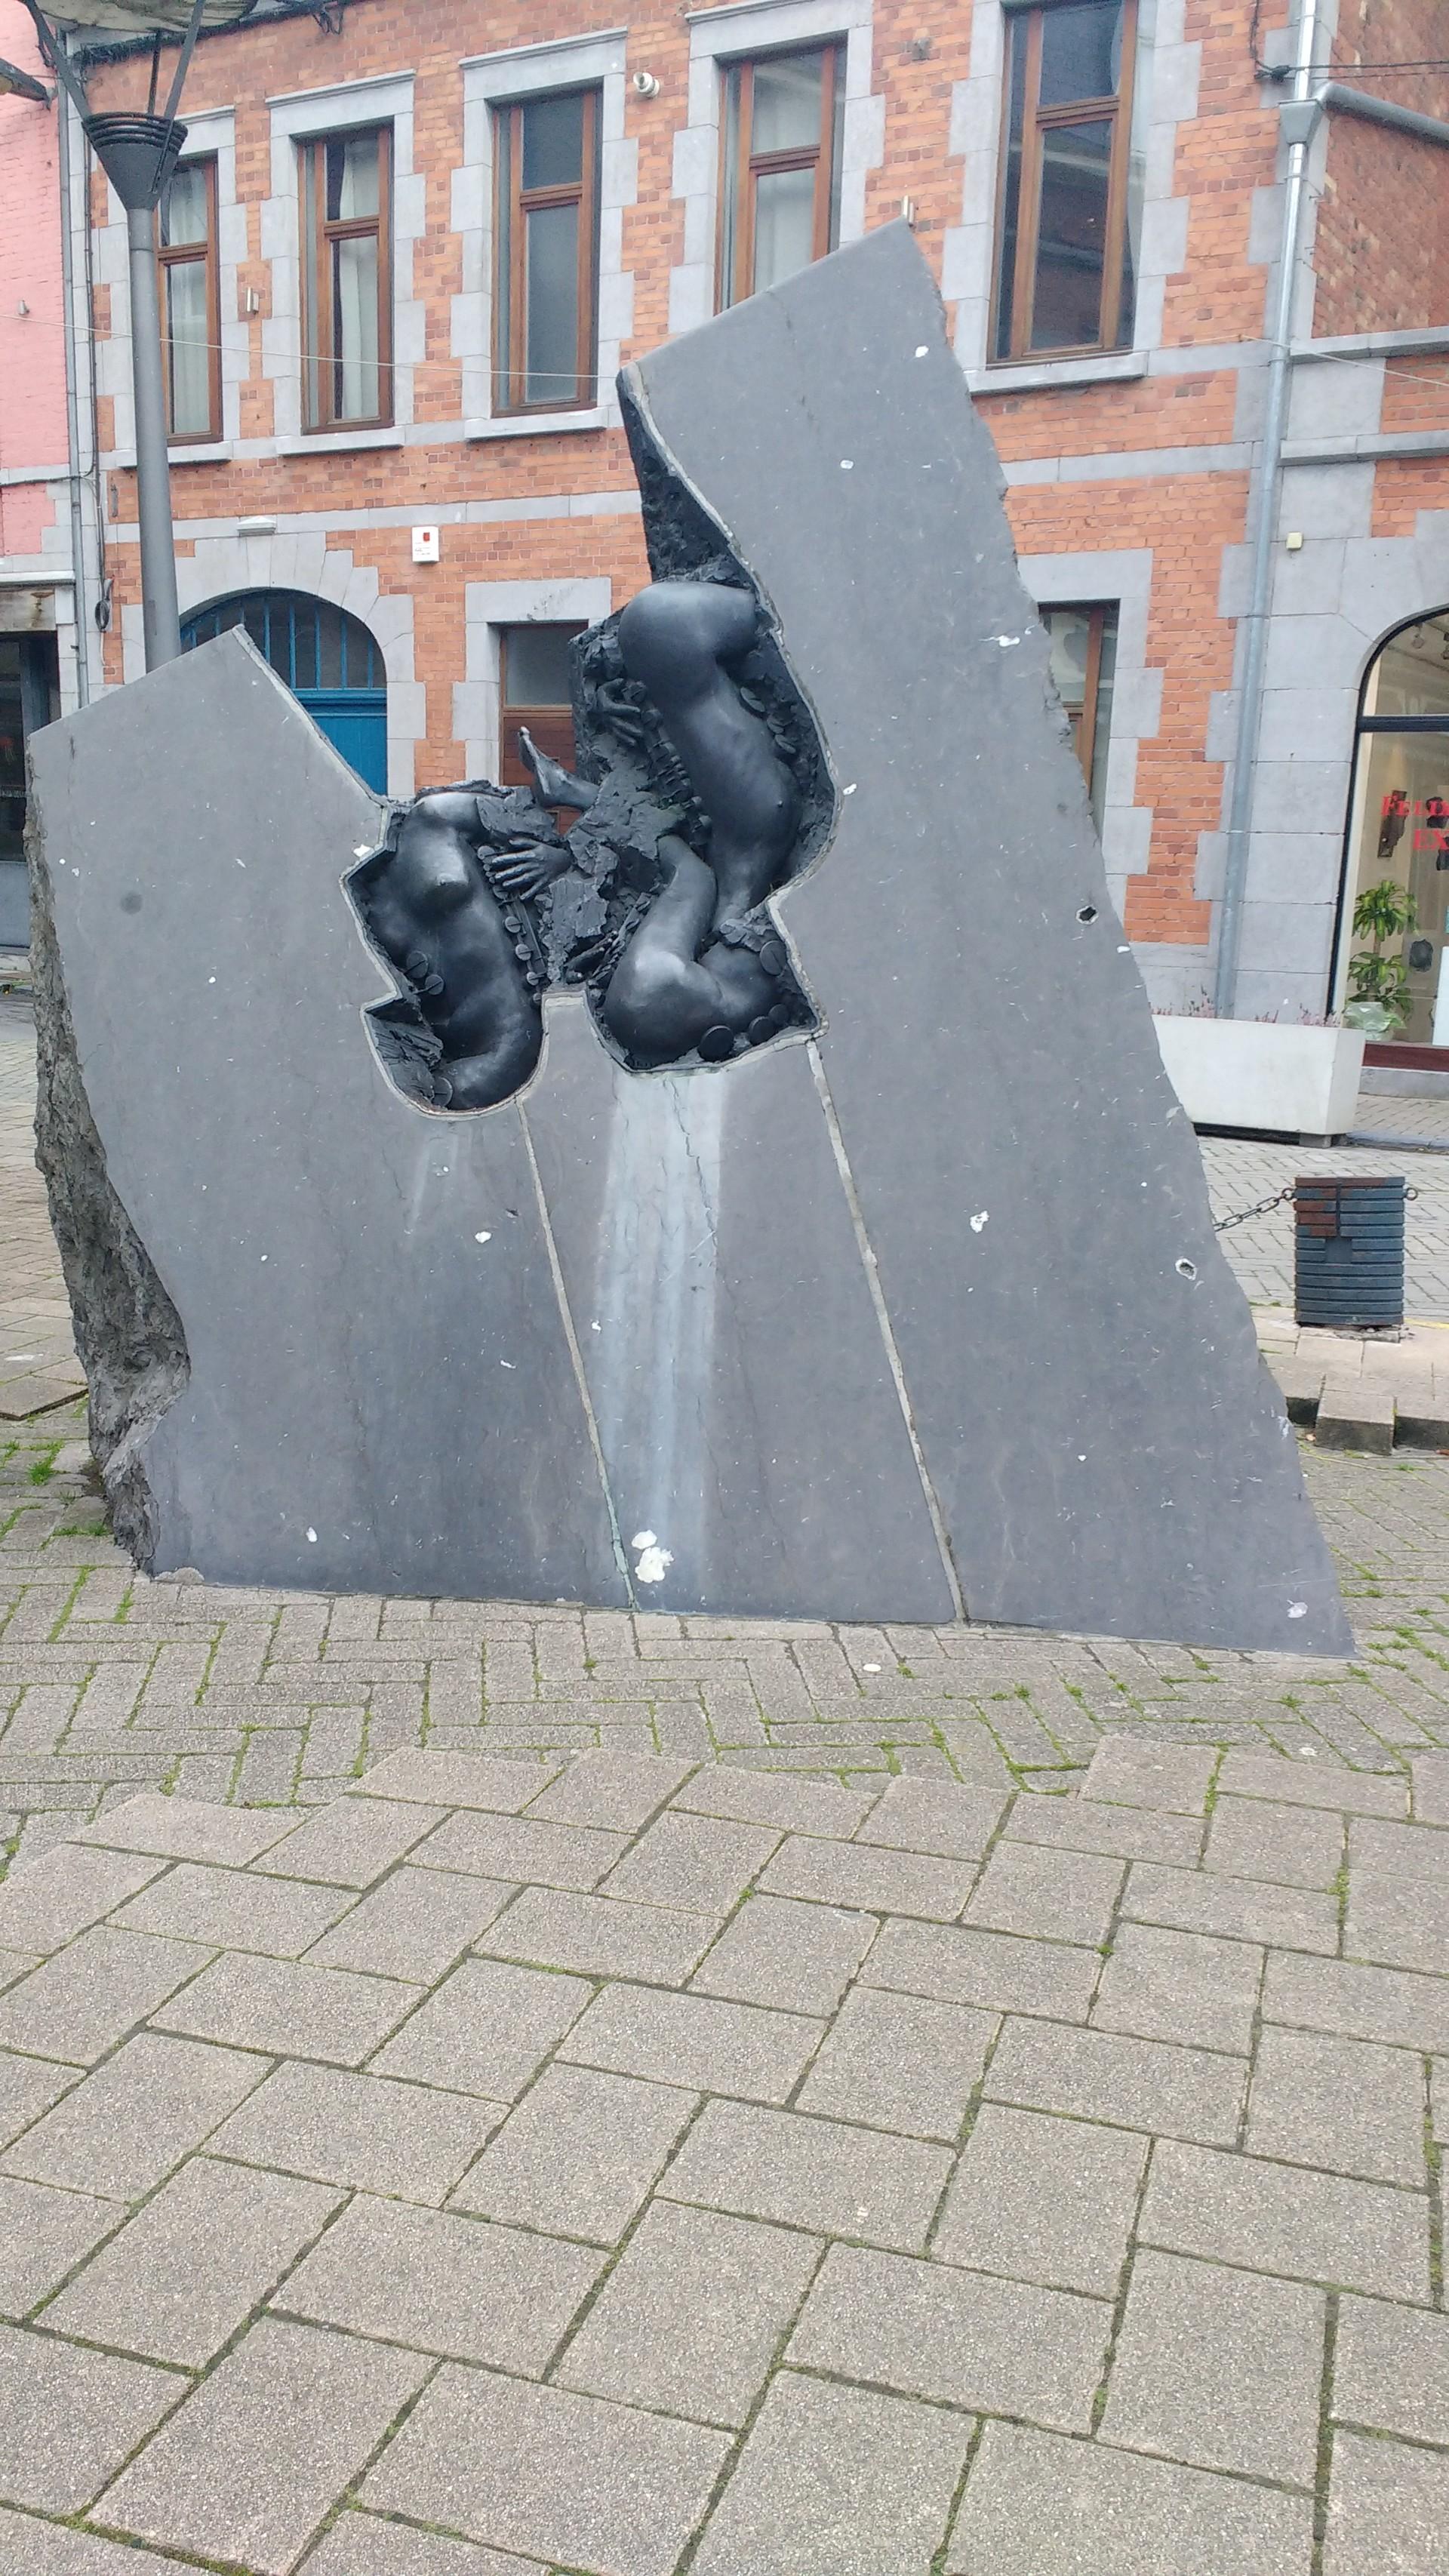 le-sculture-felix-rodin-dinant-97a393d22